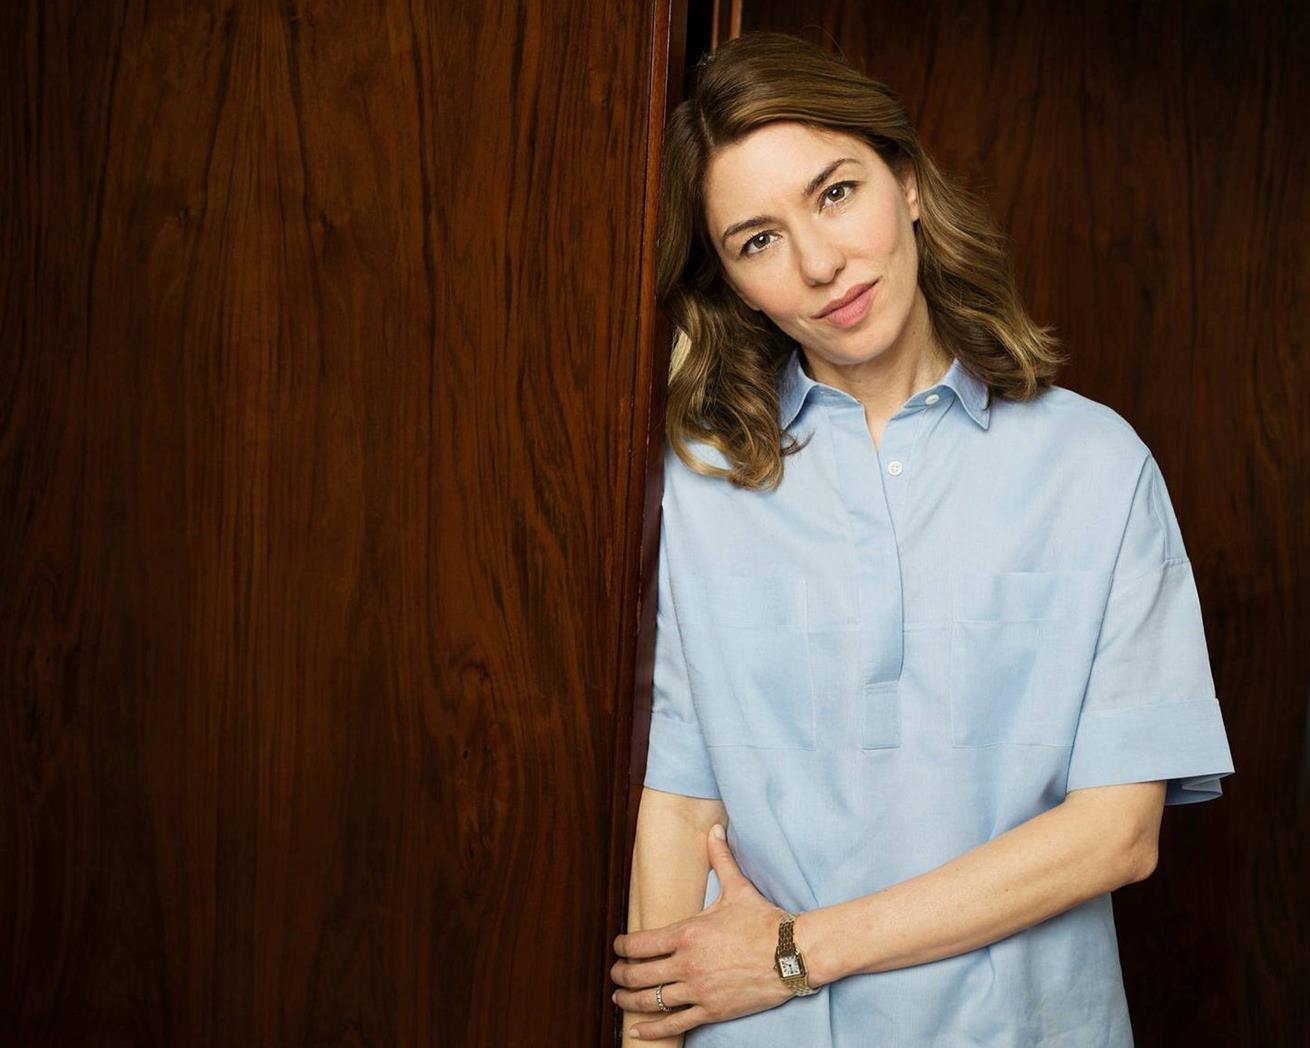 56558b06 Sofia Coppola (46) har kost seg med å gjøre mannen til objekt i sin nye film